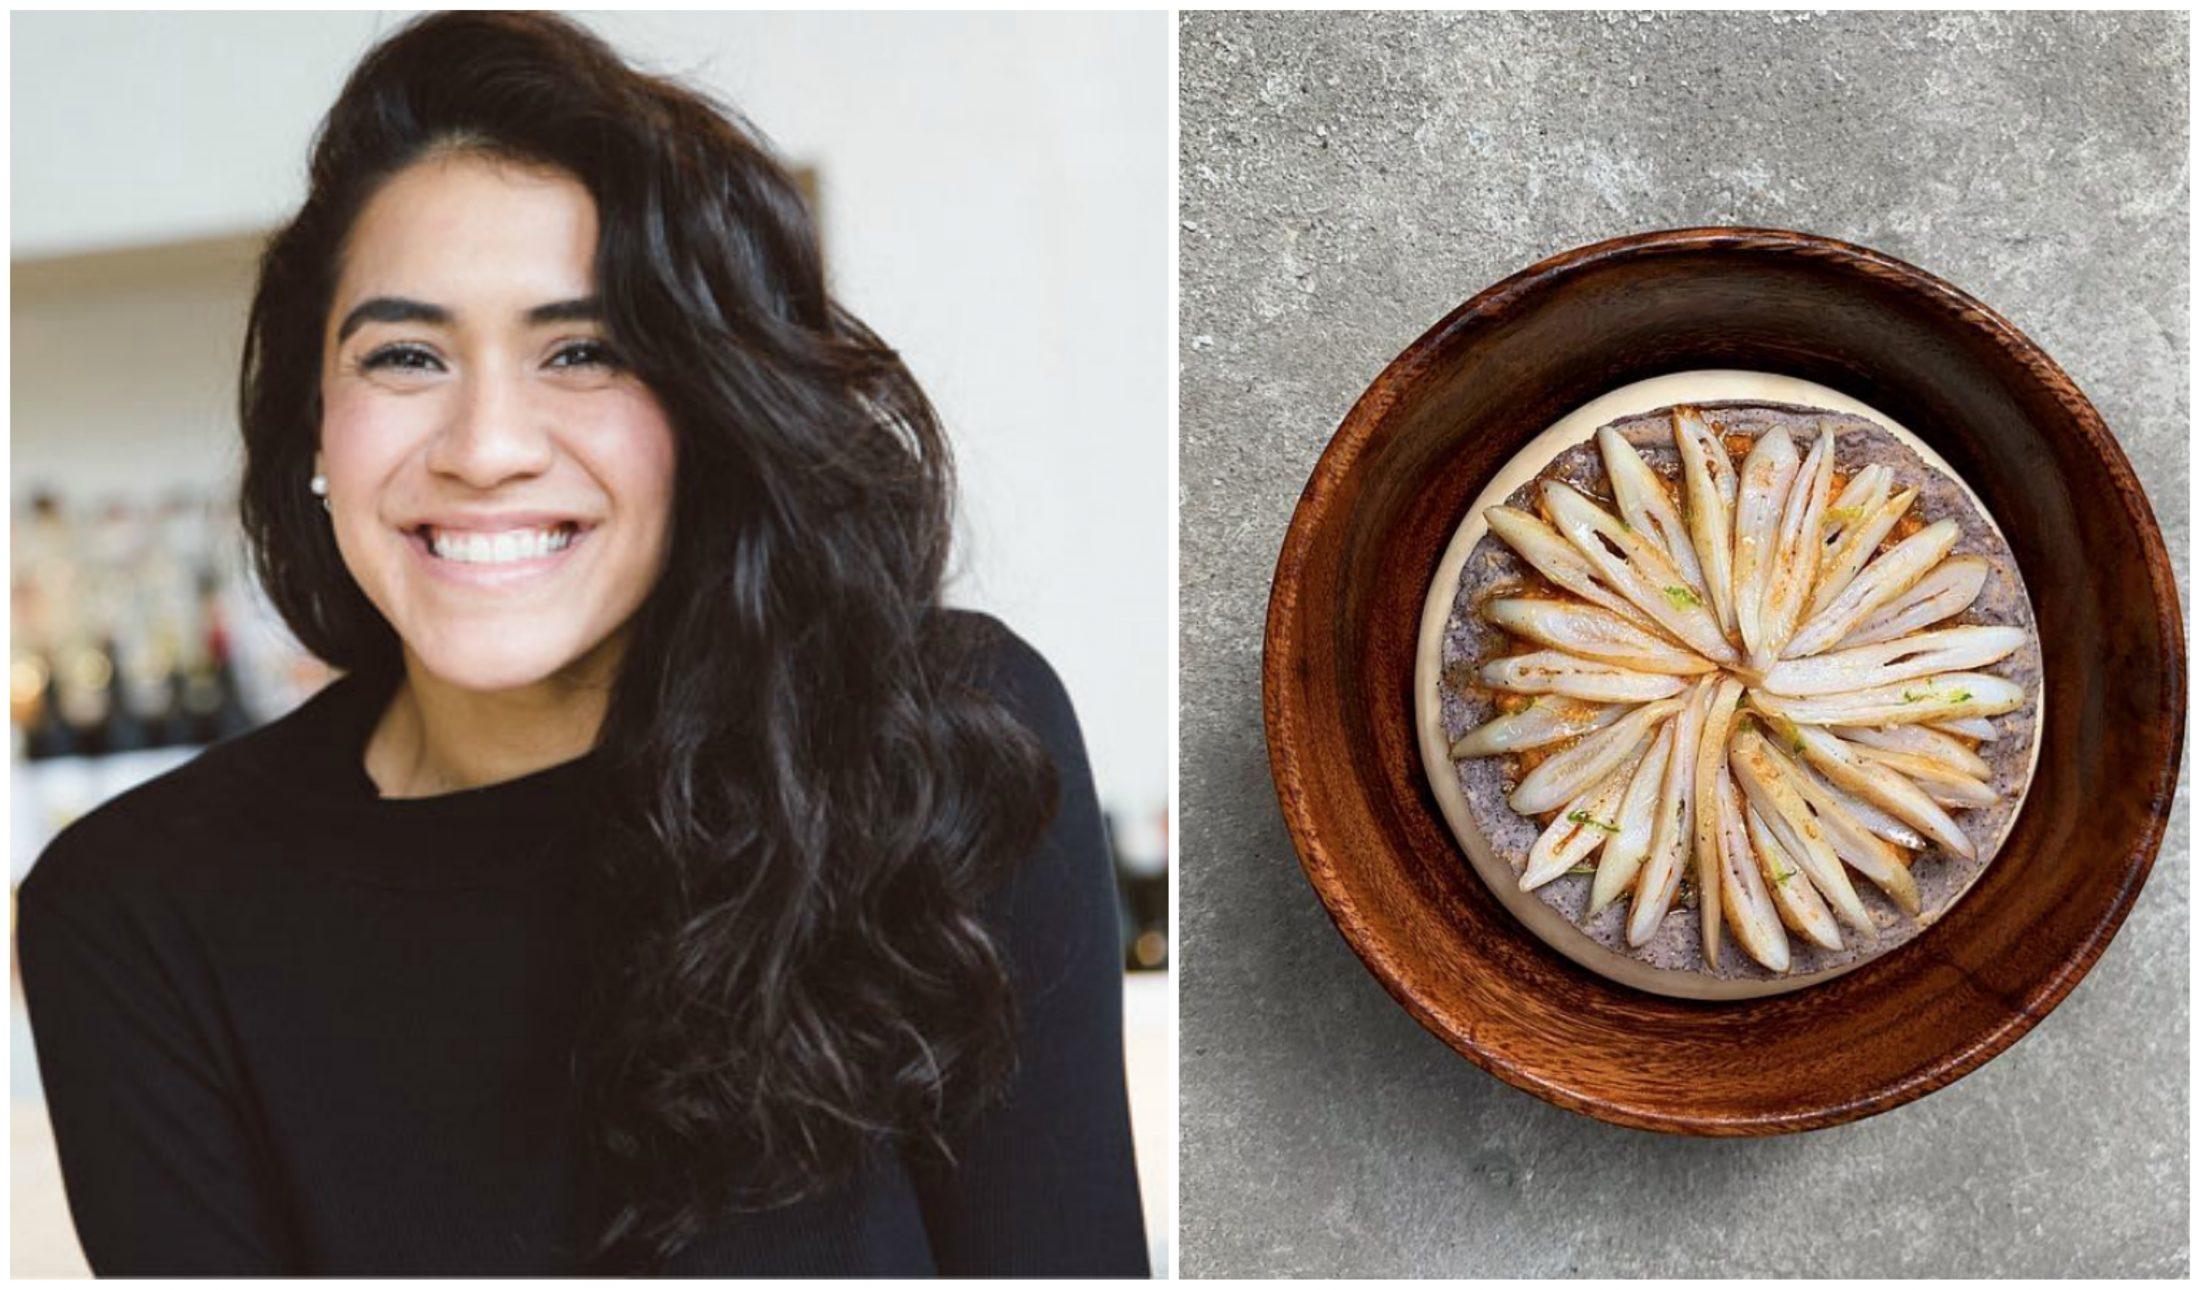 Fiatal, de nem pimaszul: Daniela Soto-Innes a világ legjobb női séfje - Dining Guide